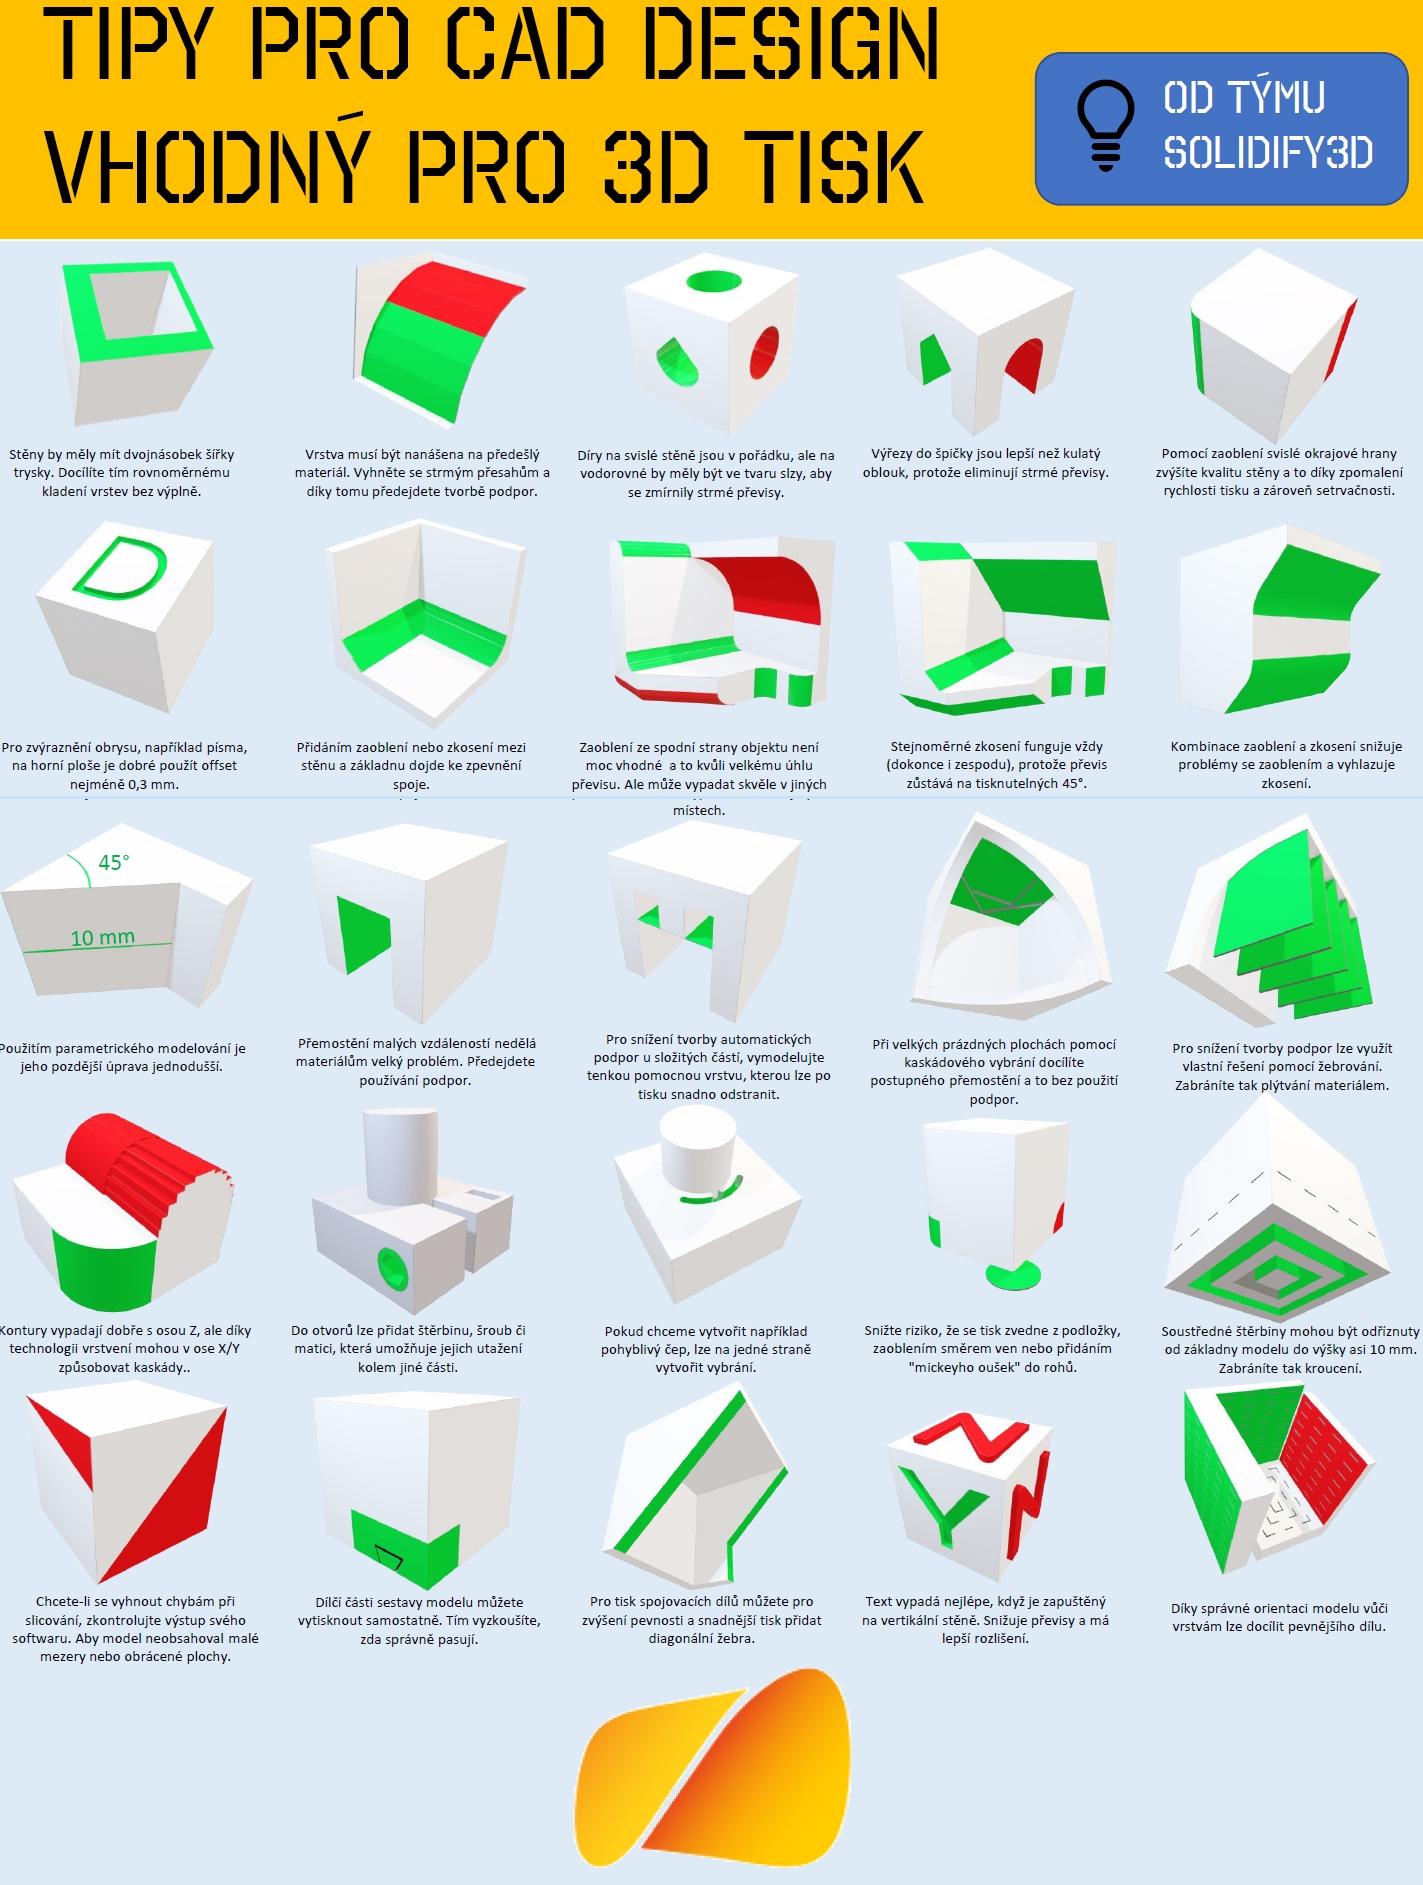 Tipy pro vhodné modelování 3D výtisků